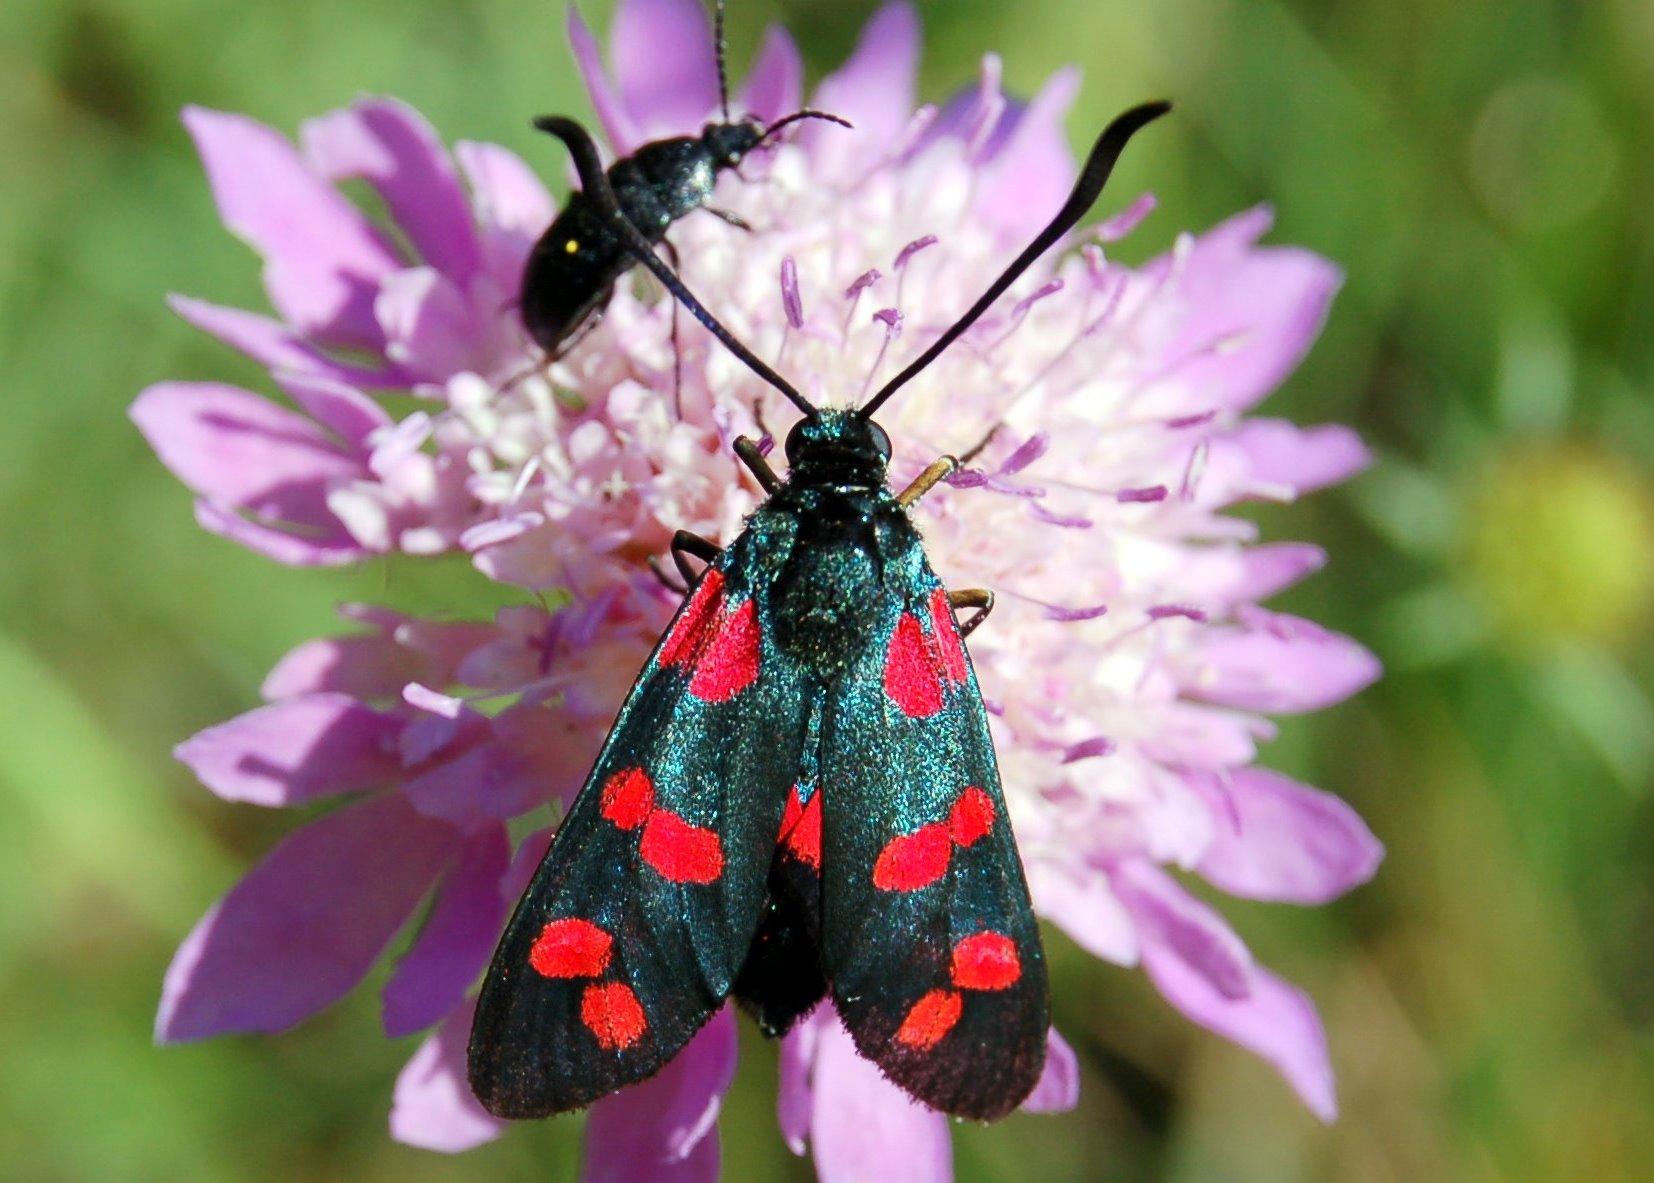 Zygaena sp. 6  - Zygaenidae